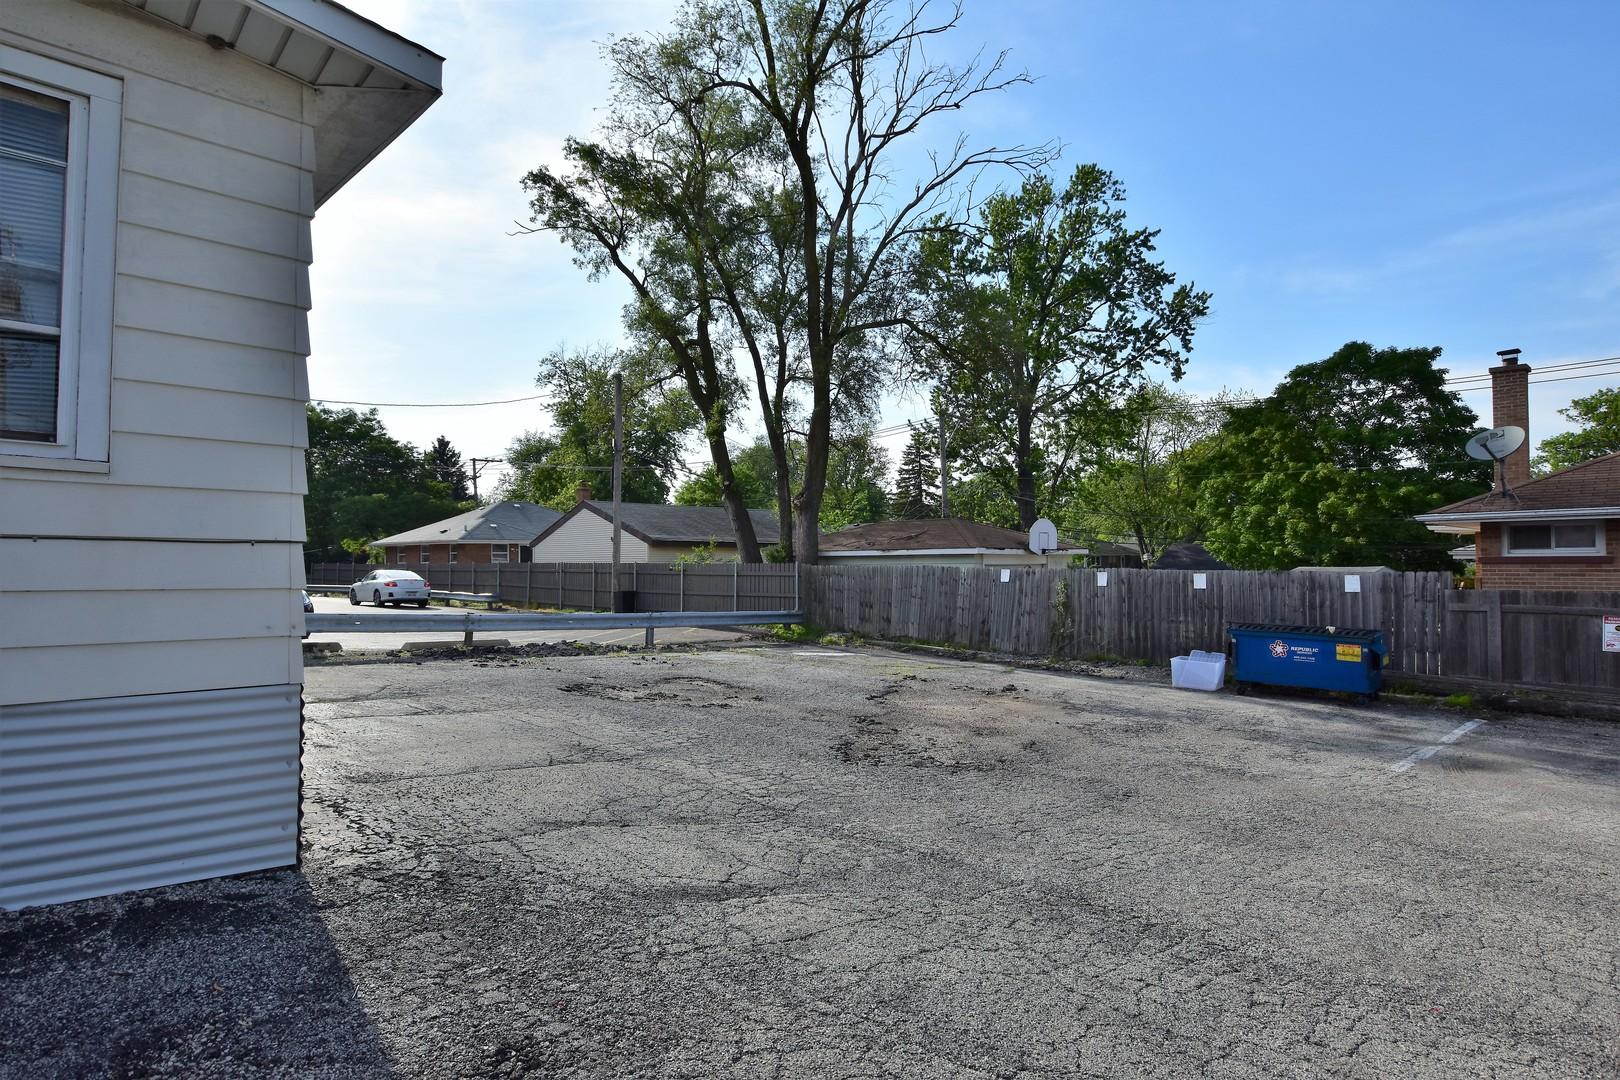 530 W St Charles Rd, Villa Park, IL 60181